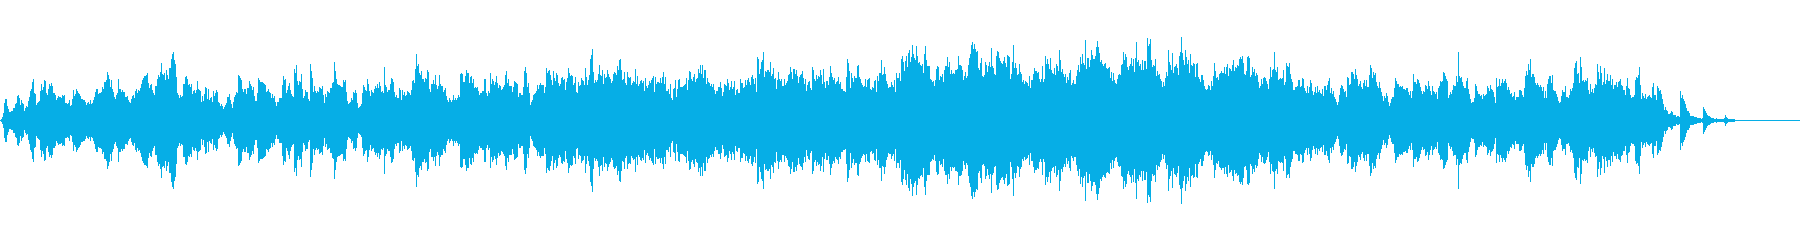 綺麗で少し切ない雰囲気のBGMの再生済みの波形